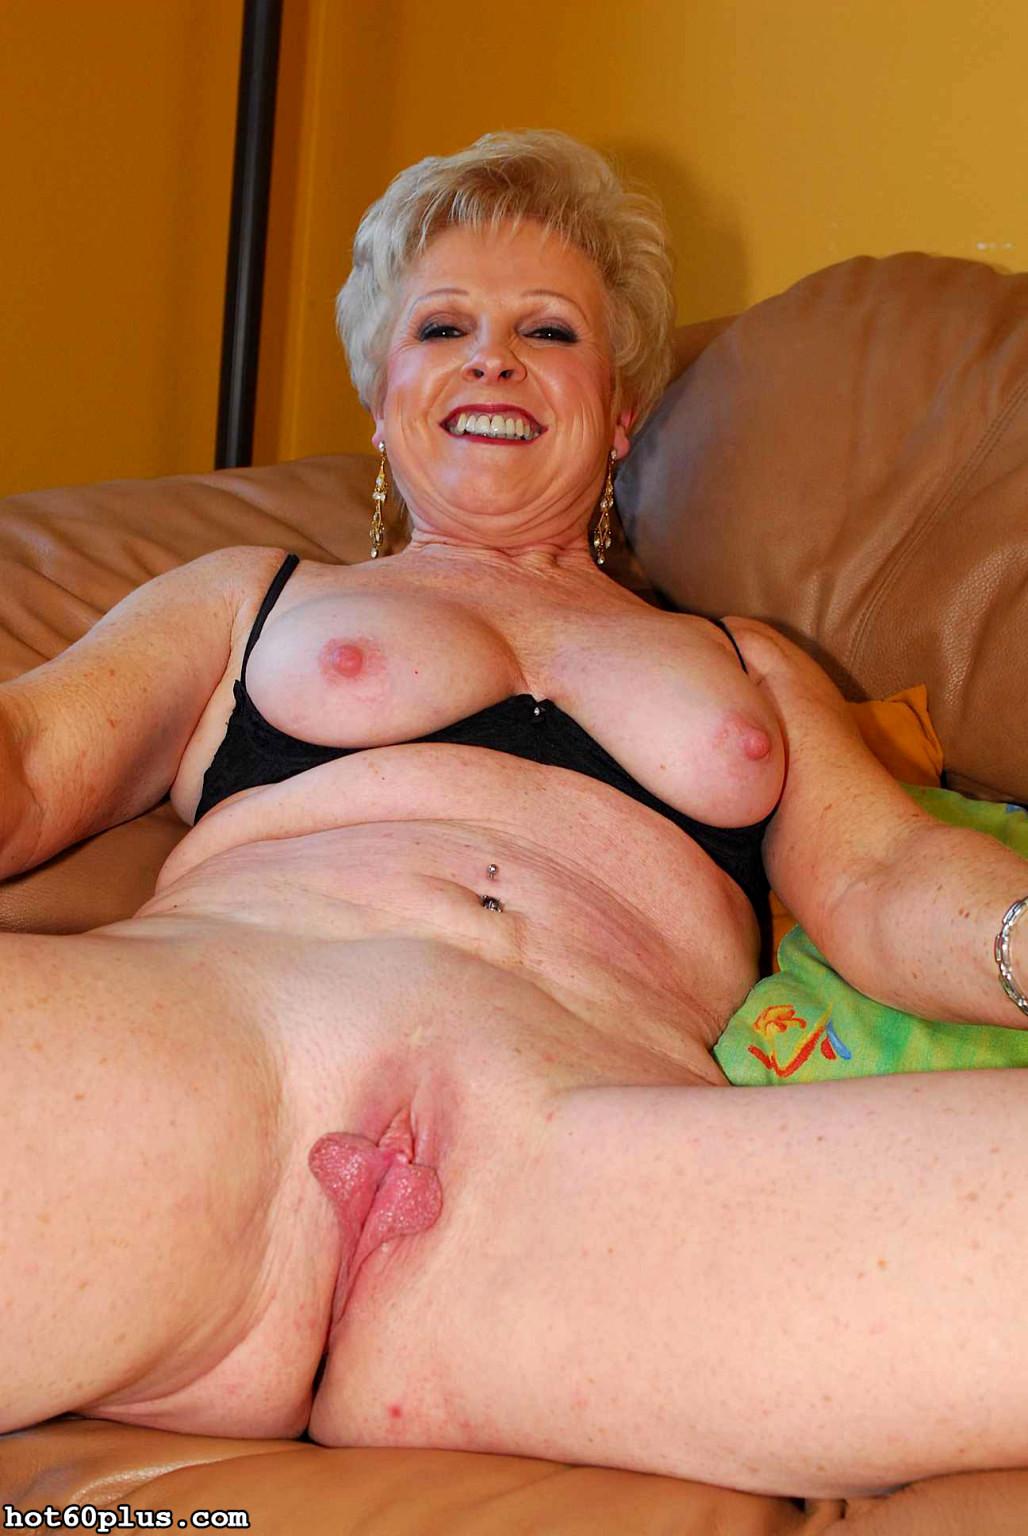 Granny porn fannies pics — photo 15